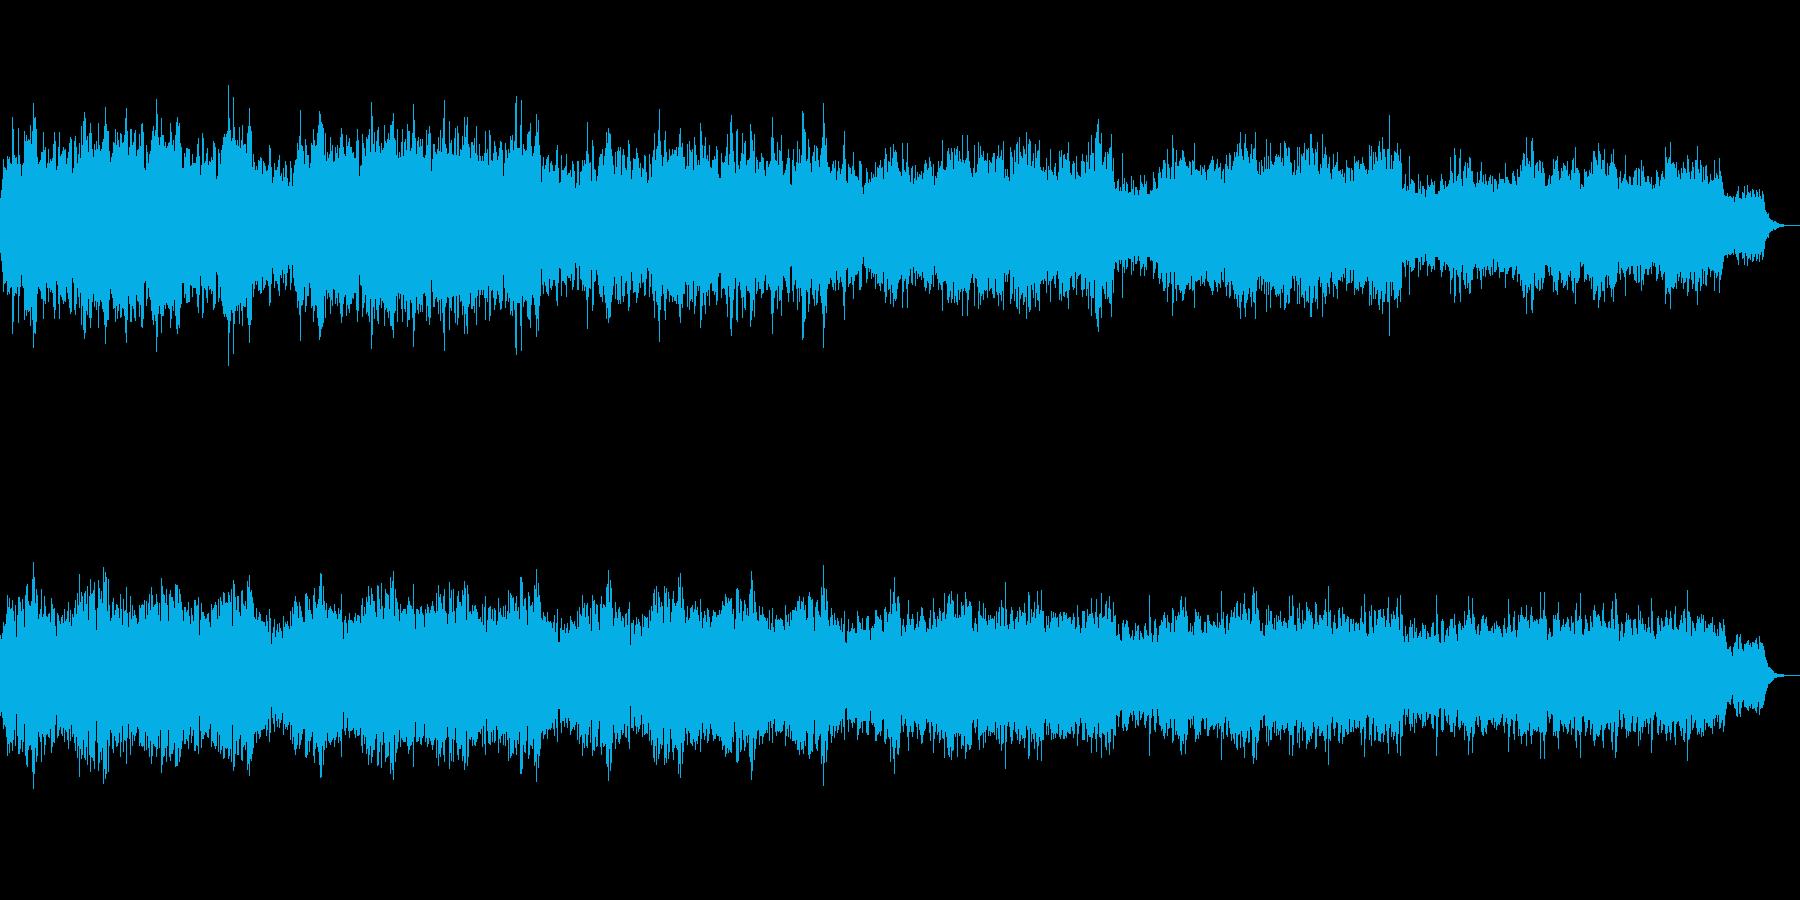 ストリングス、木管、合唱、ハープの幻想曲の再生済みの波形